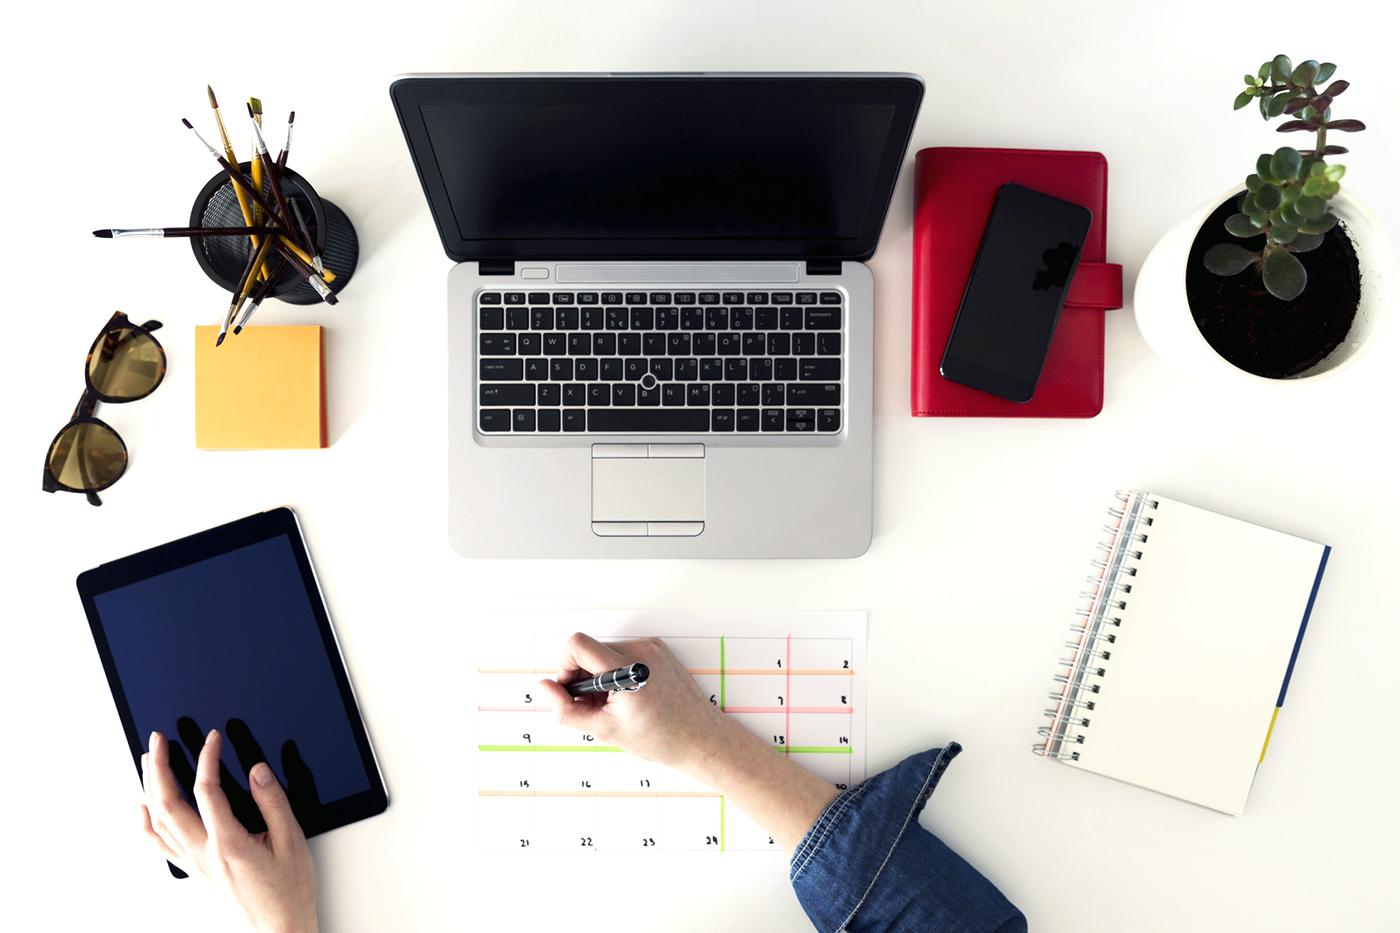 Harmonogram publikacji, planowanie contentu, strategia content marketing, jak być systematycznym - Kobieca Strona Biznesu, blog dla przedsiębiorczych kobiet, Karolina Kołodziejczyk